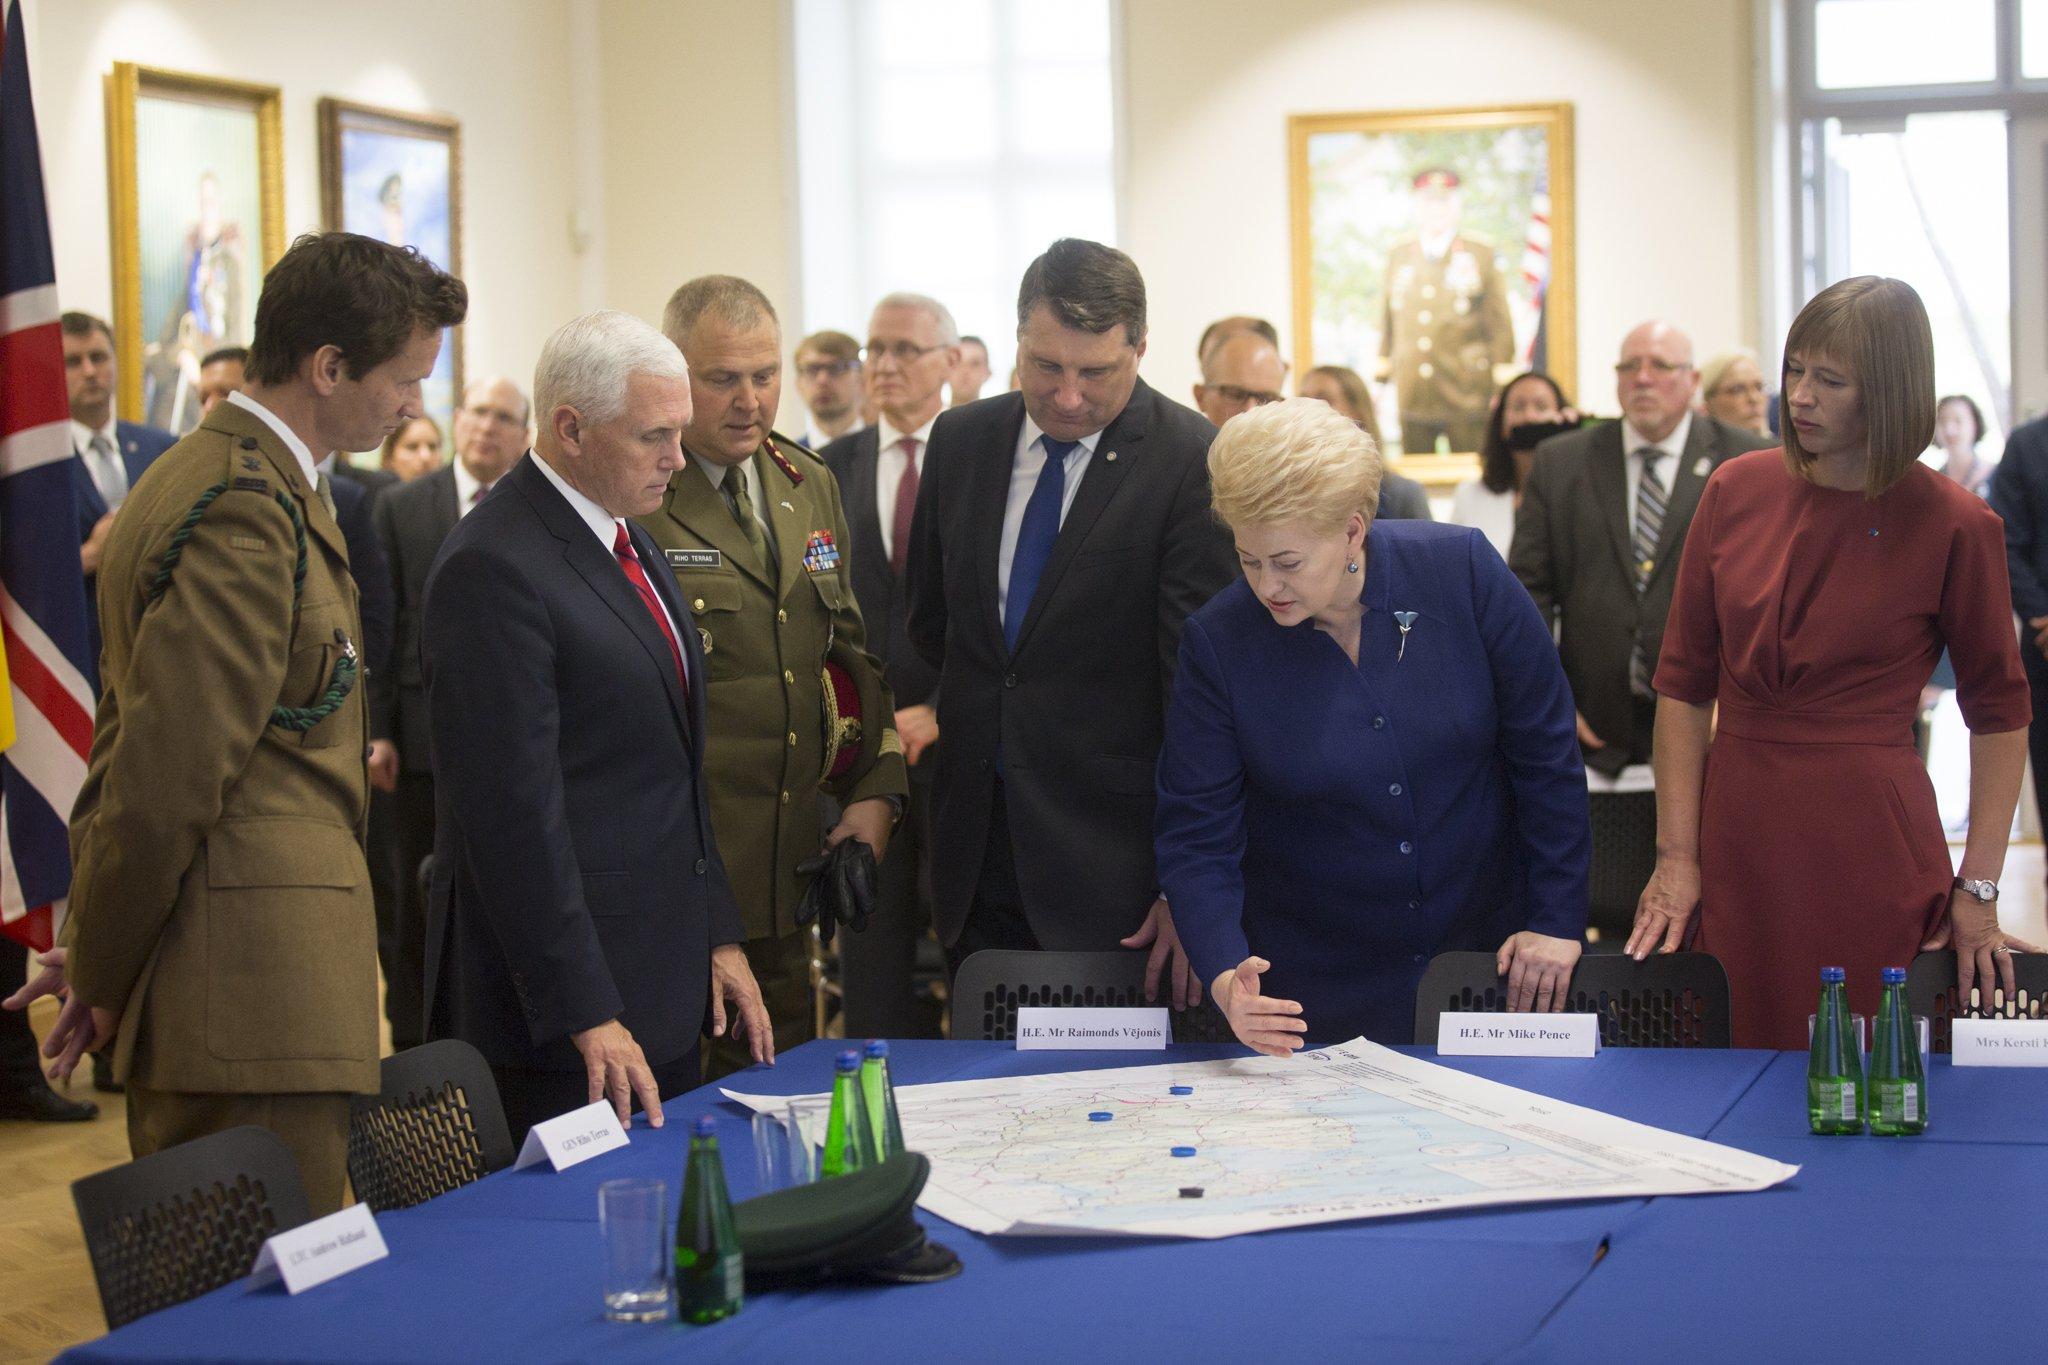 Аллеров о продолжительности войны на Донбассе: Либо будут найдены действенные рычаги влияния на Путина, либо его просто не станет - Цензор.НЕТ 7888